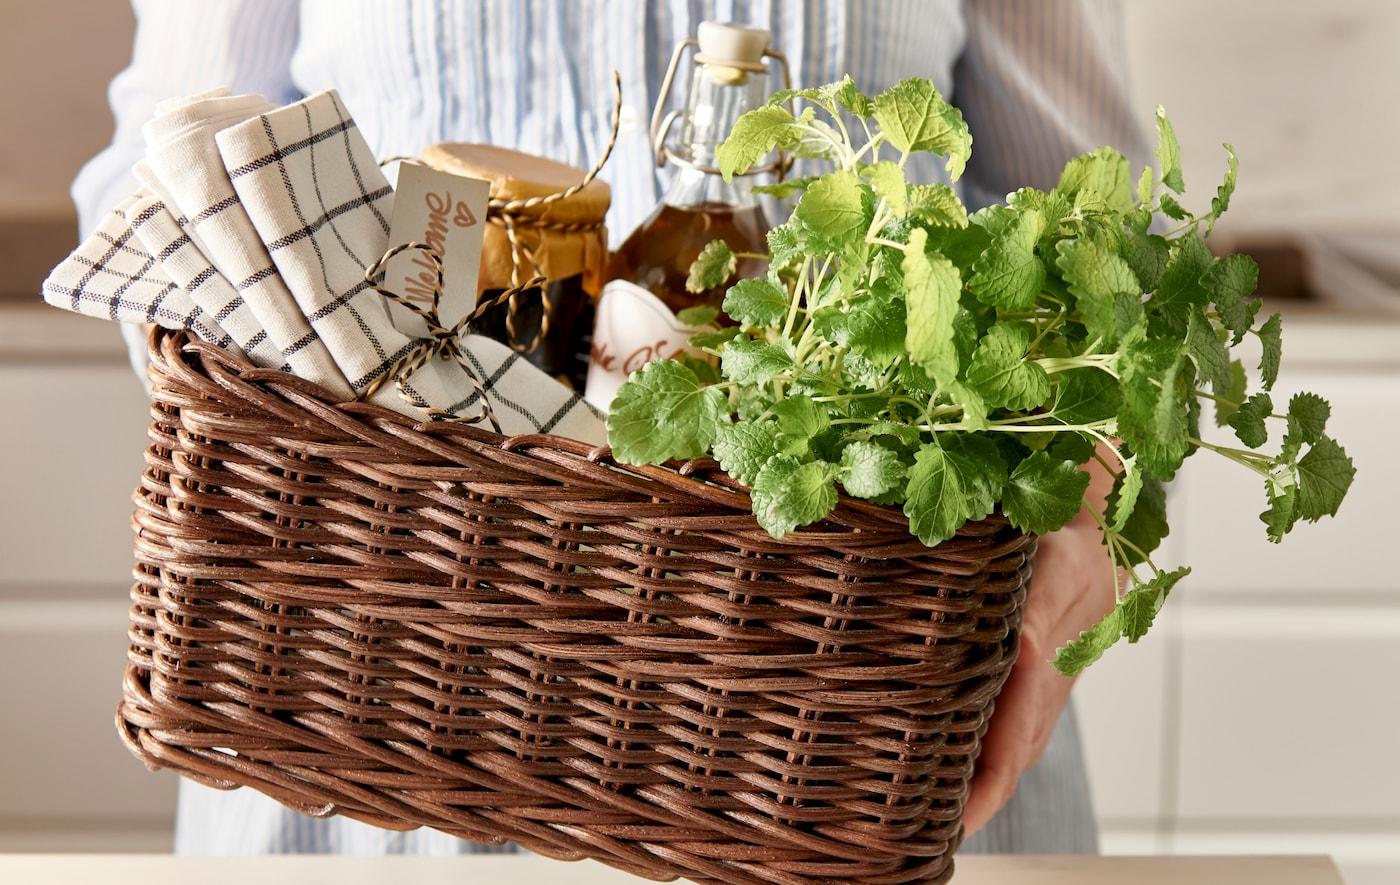 GABBIG kosárban, szalaggal átkötött konyharuhák, befőttek és friss fűszernövények üvegedényekben.